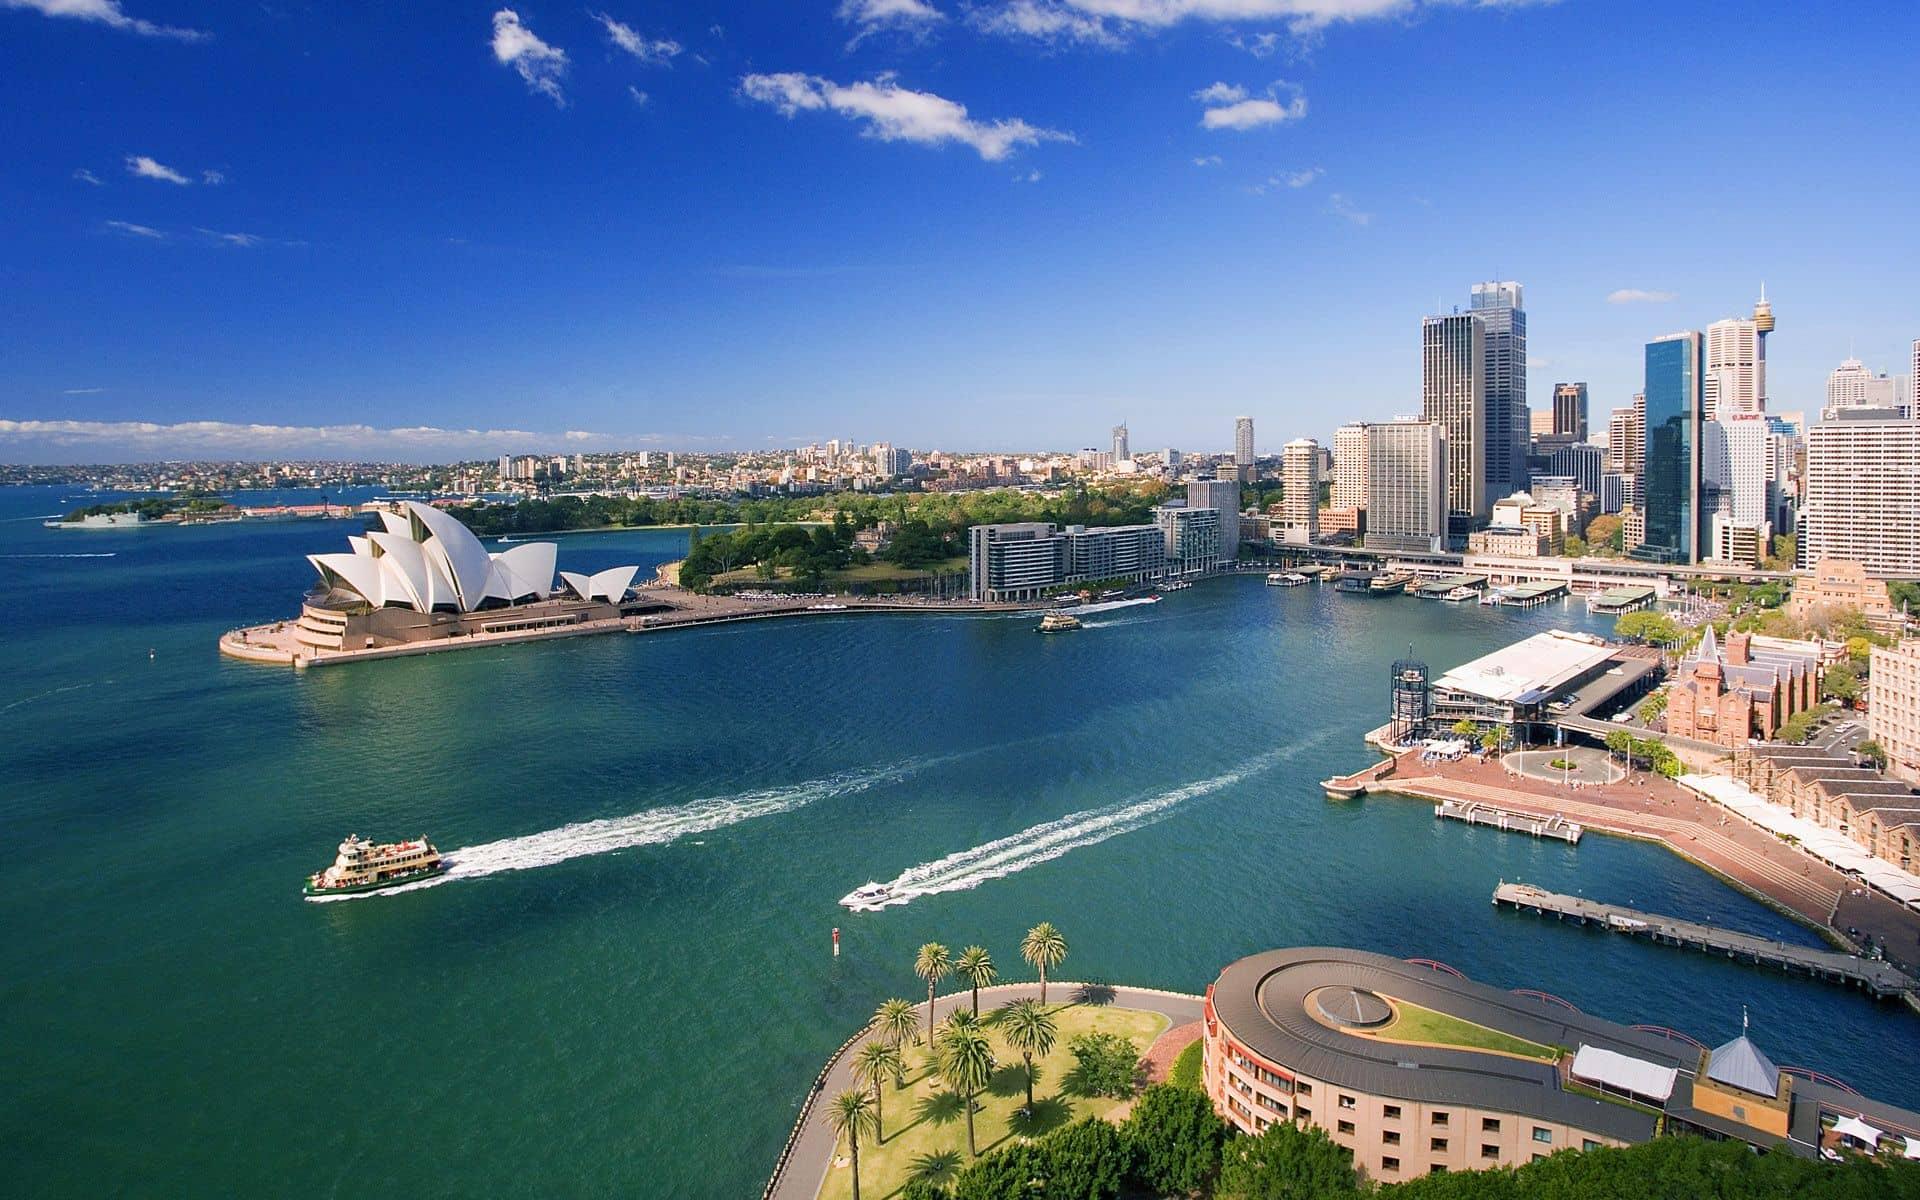 australia 1 - Home